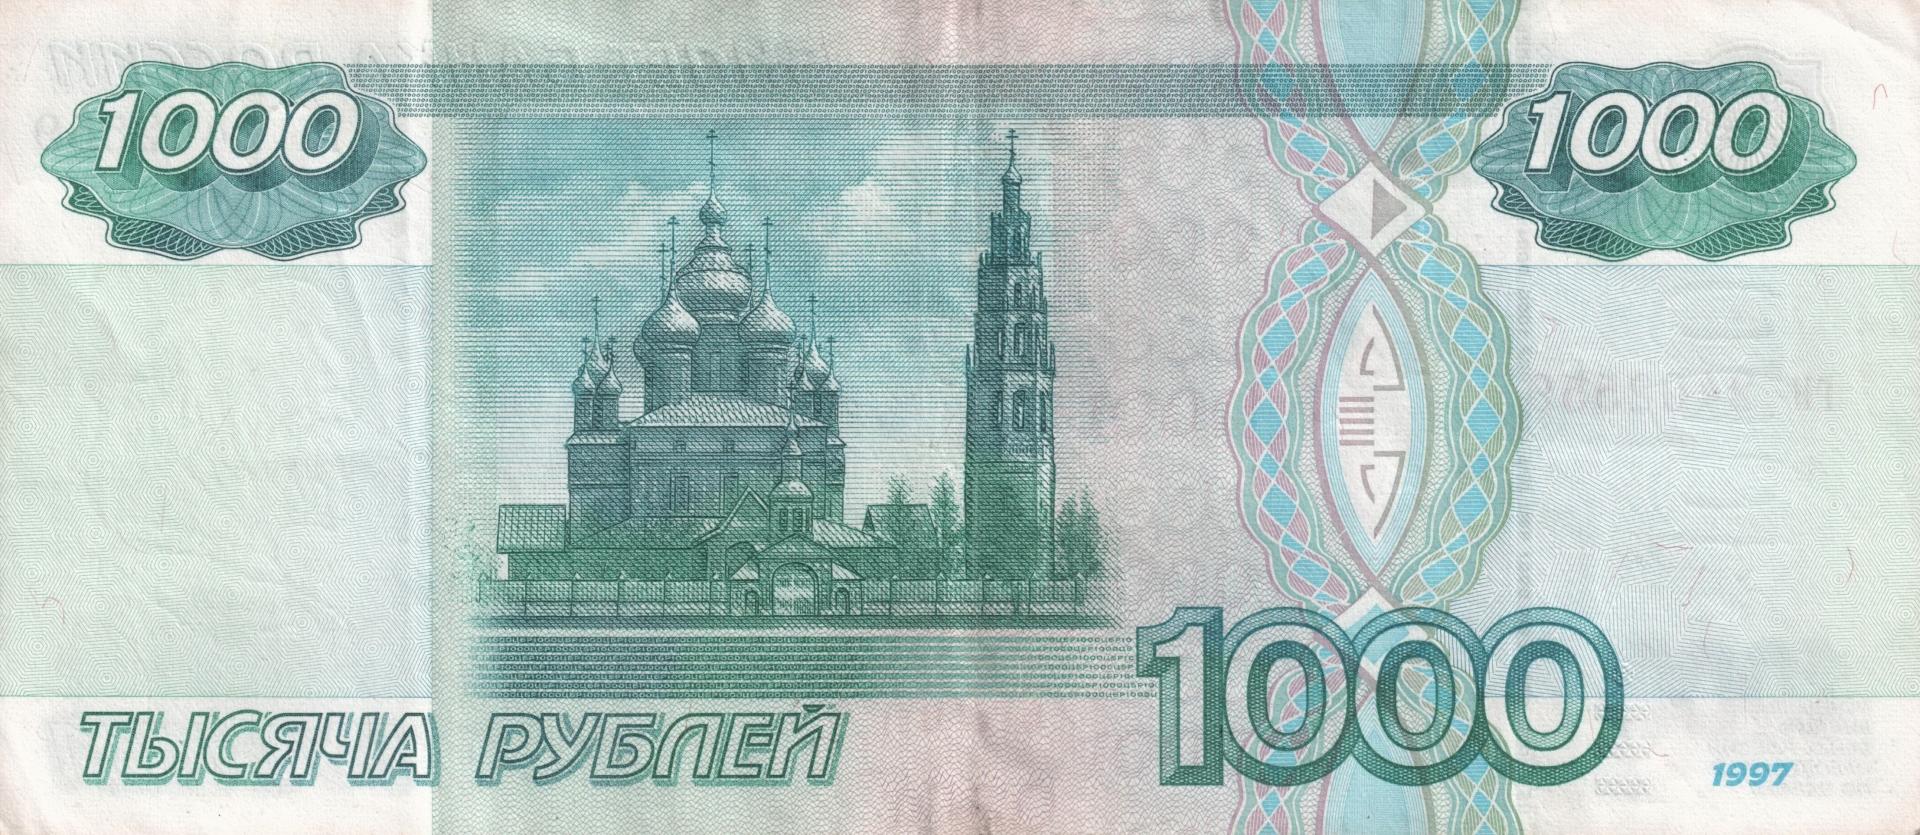 Самого смешного, картинки 1000 рублей бумажные